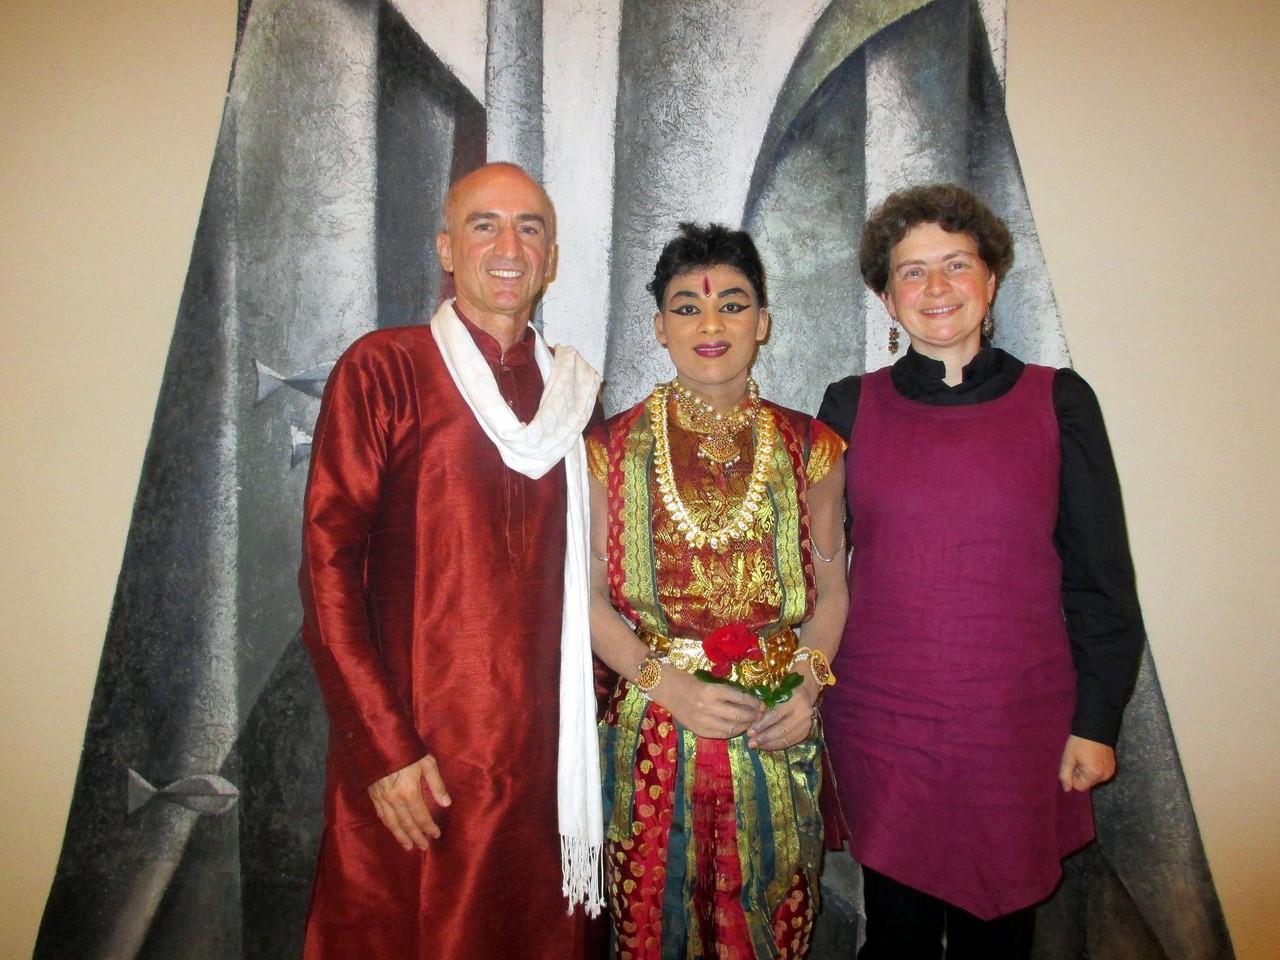 Aufführung in der Ev. Kirche Karlsbad-Auerbach mit Pfarrerin Andrea Schweizer